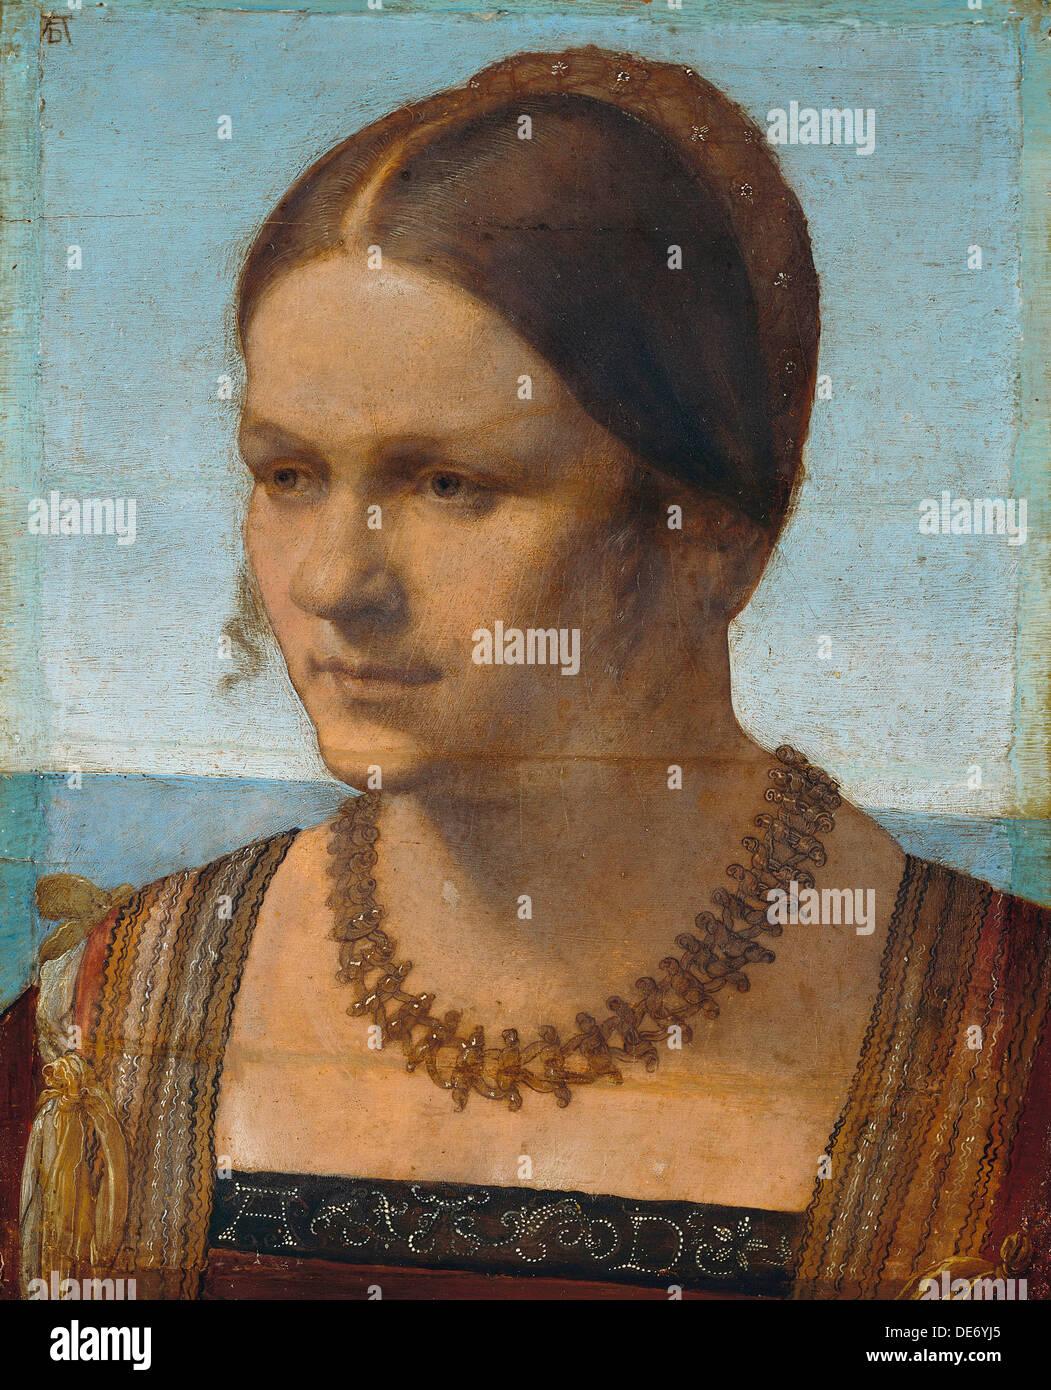 Porträt einer jungen venezianischen Dame, 1506. Künstler: Dürer, Albrecht (1471-1528) Stockbild